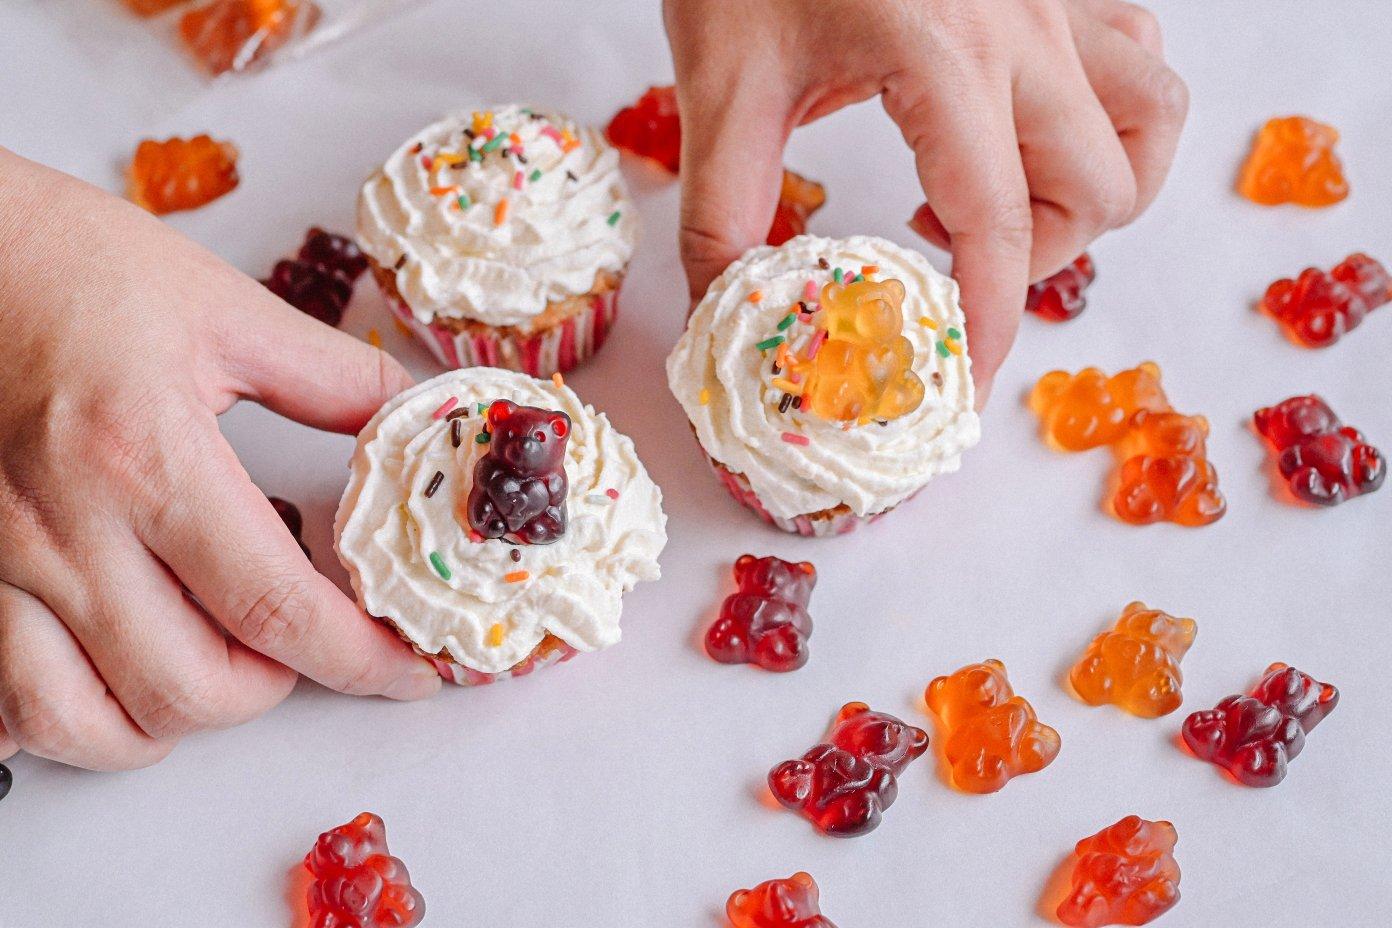 【軟糖推薦】德國甜心熊軟糖naschlabor:果汁含量40%,手抱愛心小熊超卡哇伊,還可以動手DIY果凍蛋糕餅乾食譜! @女子的休假計劃